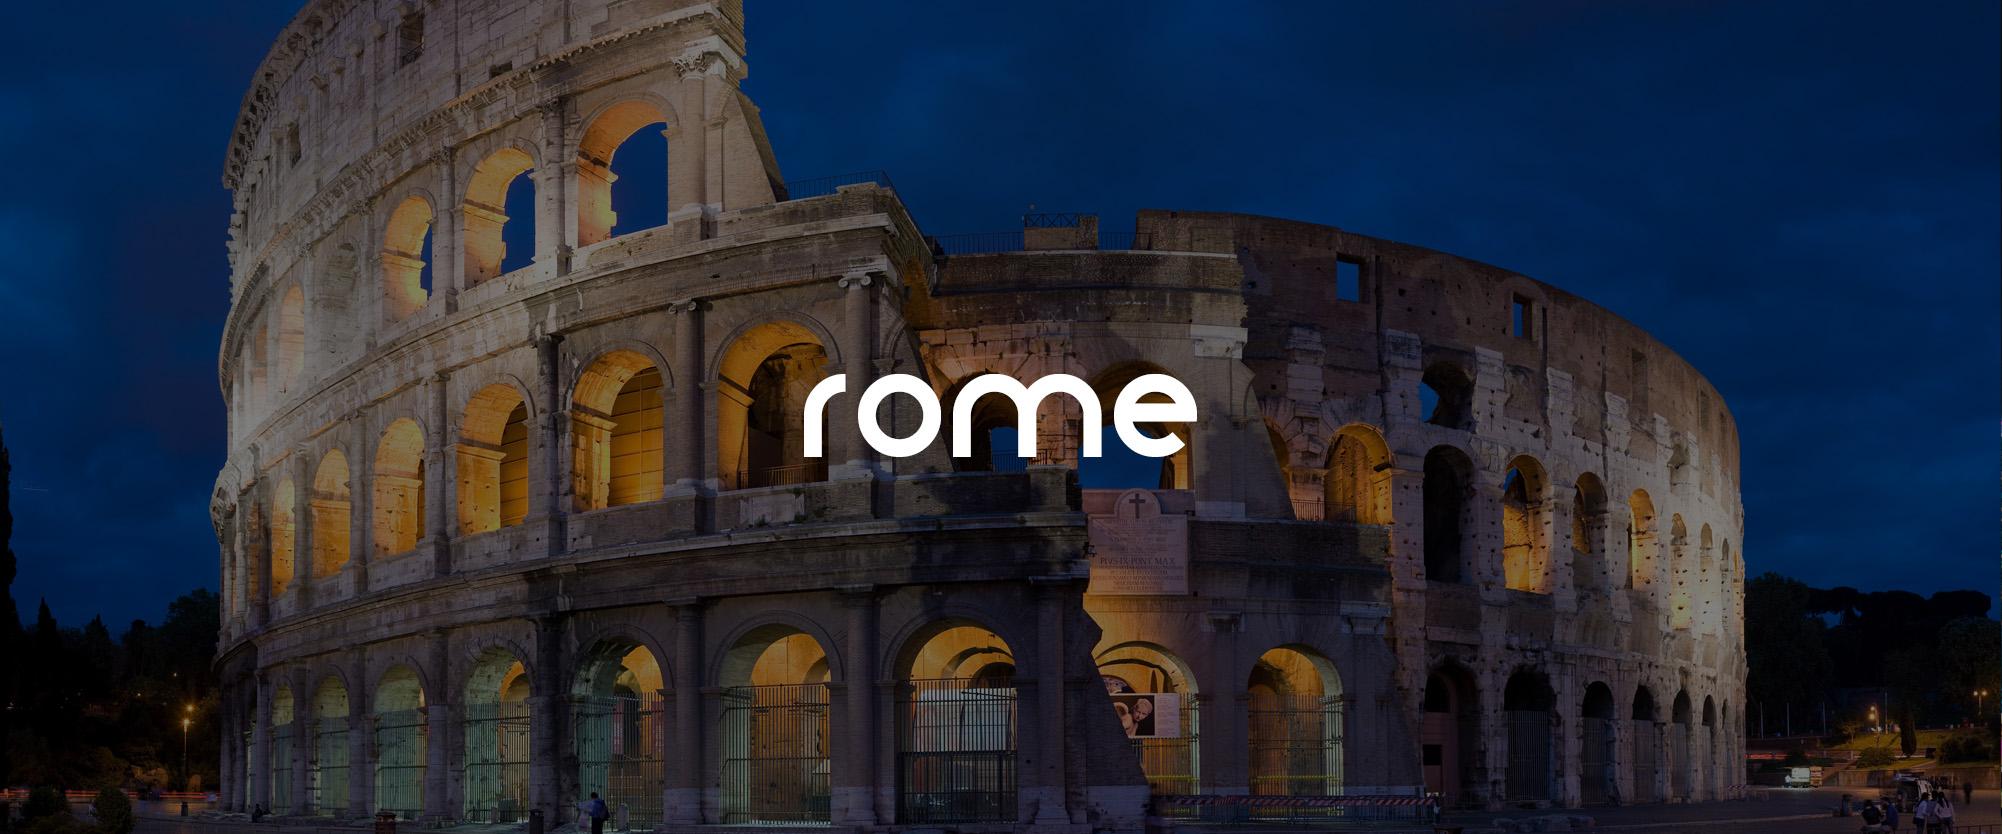 rome cover _s.jpg